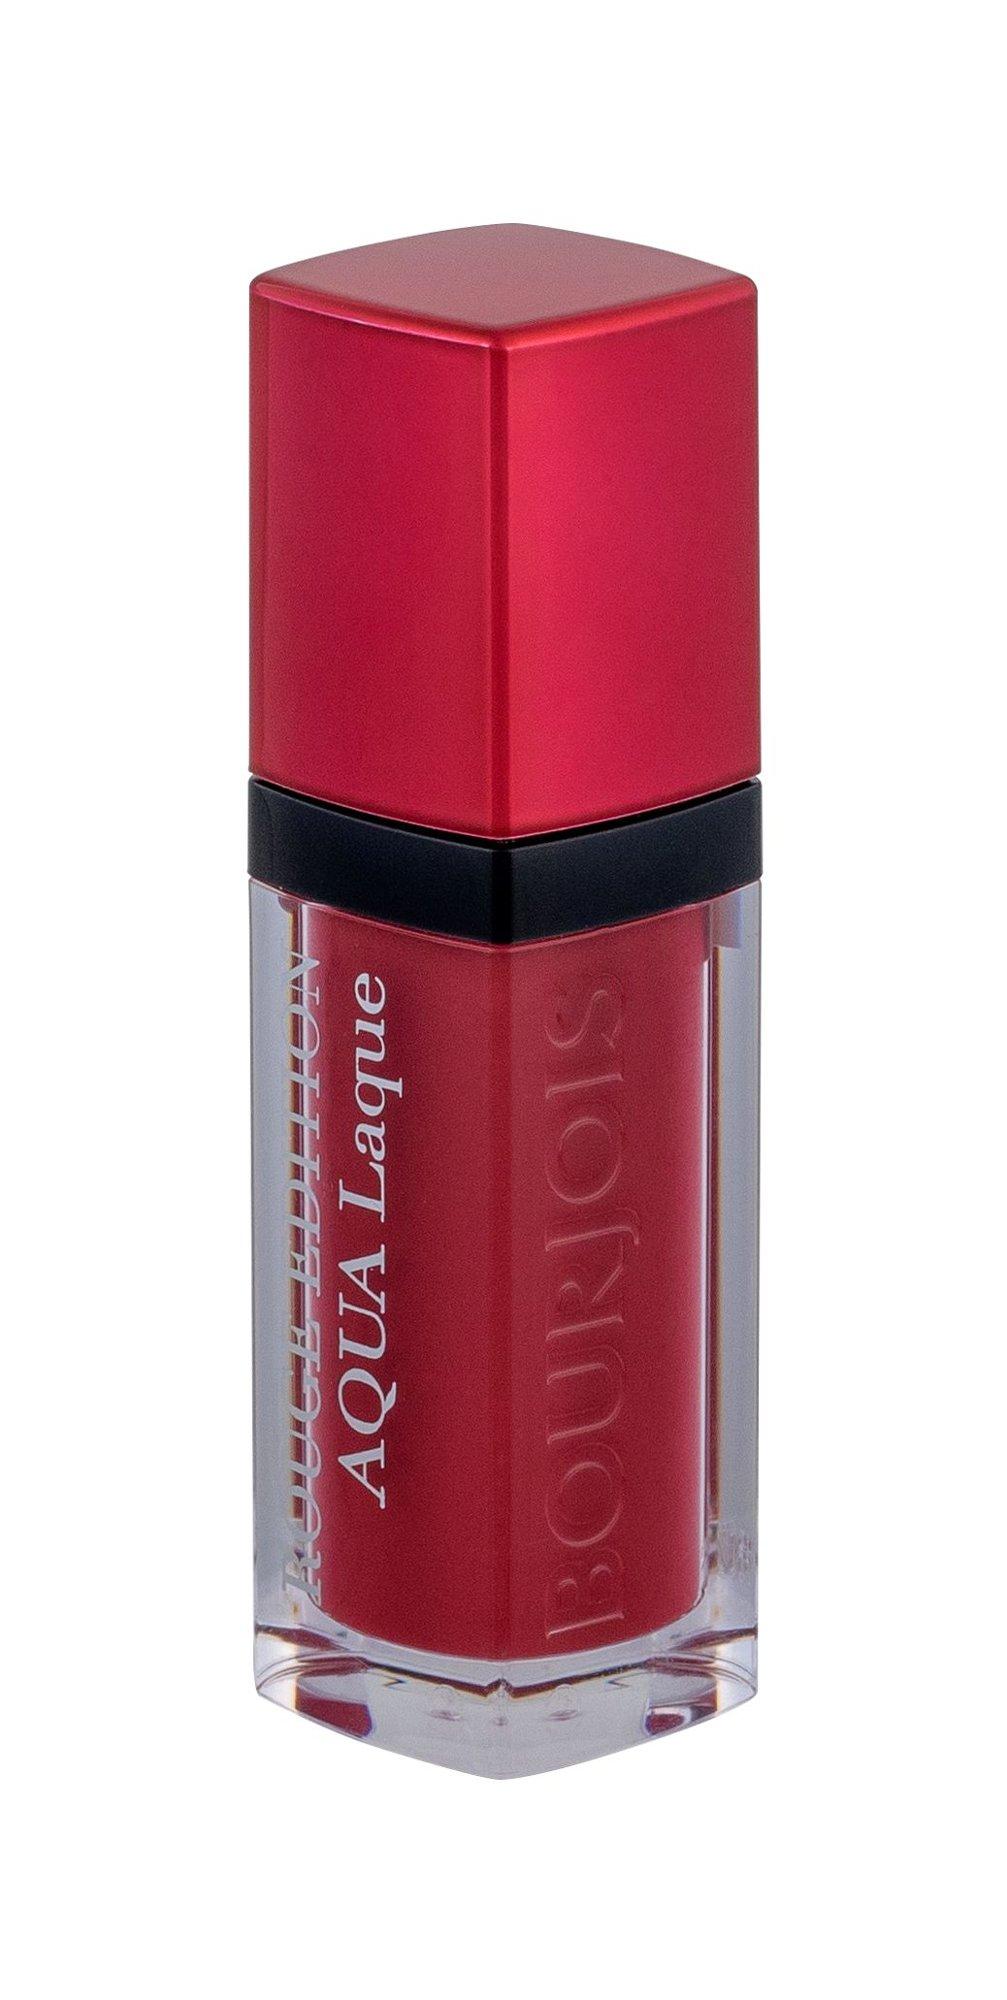 BOURJOIS Paris Rouge Edition Cosmetic 7,7ml 04 Viens Si Tu Roses